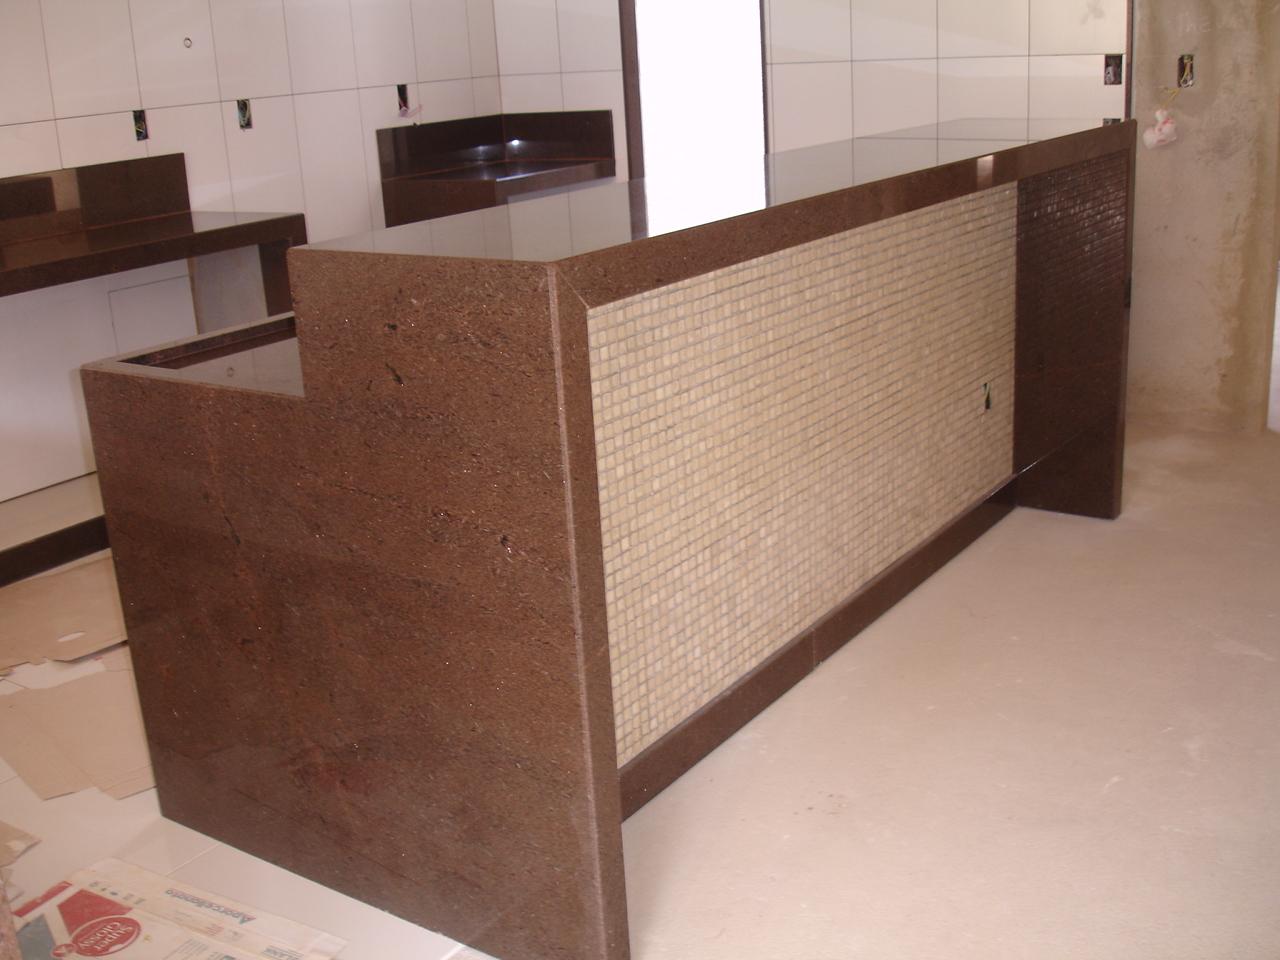 Mármores e Granitos Nacionais e Importados #40271F 1280x960 Banheiro Com Granito Marrom Imperial